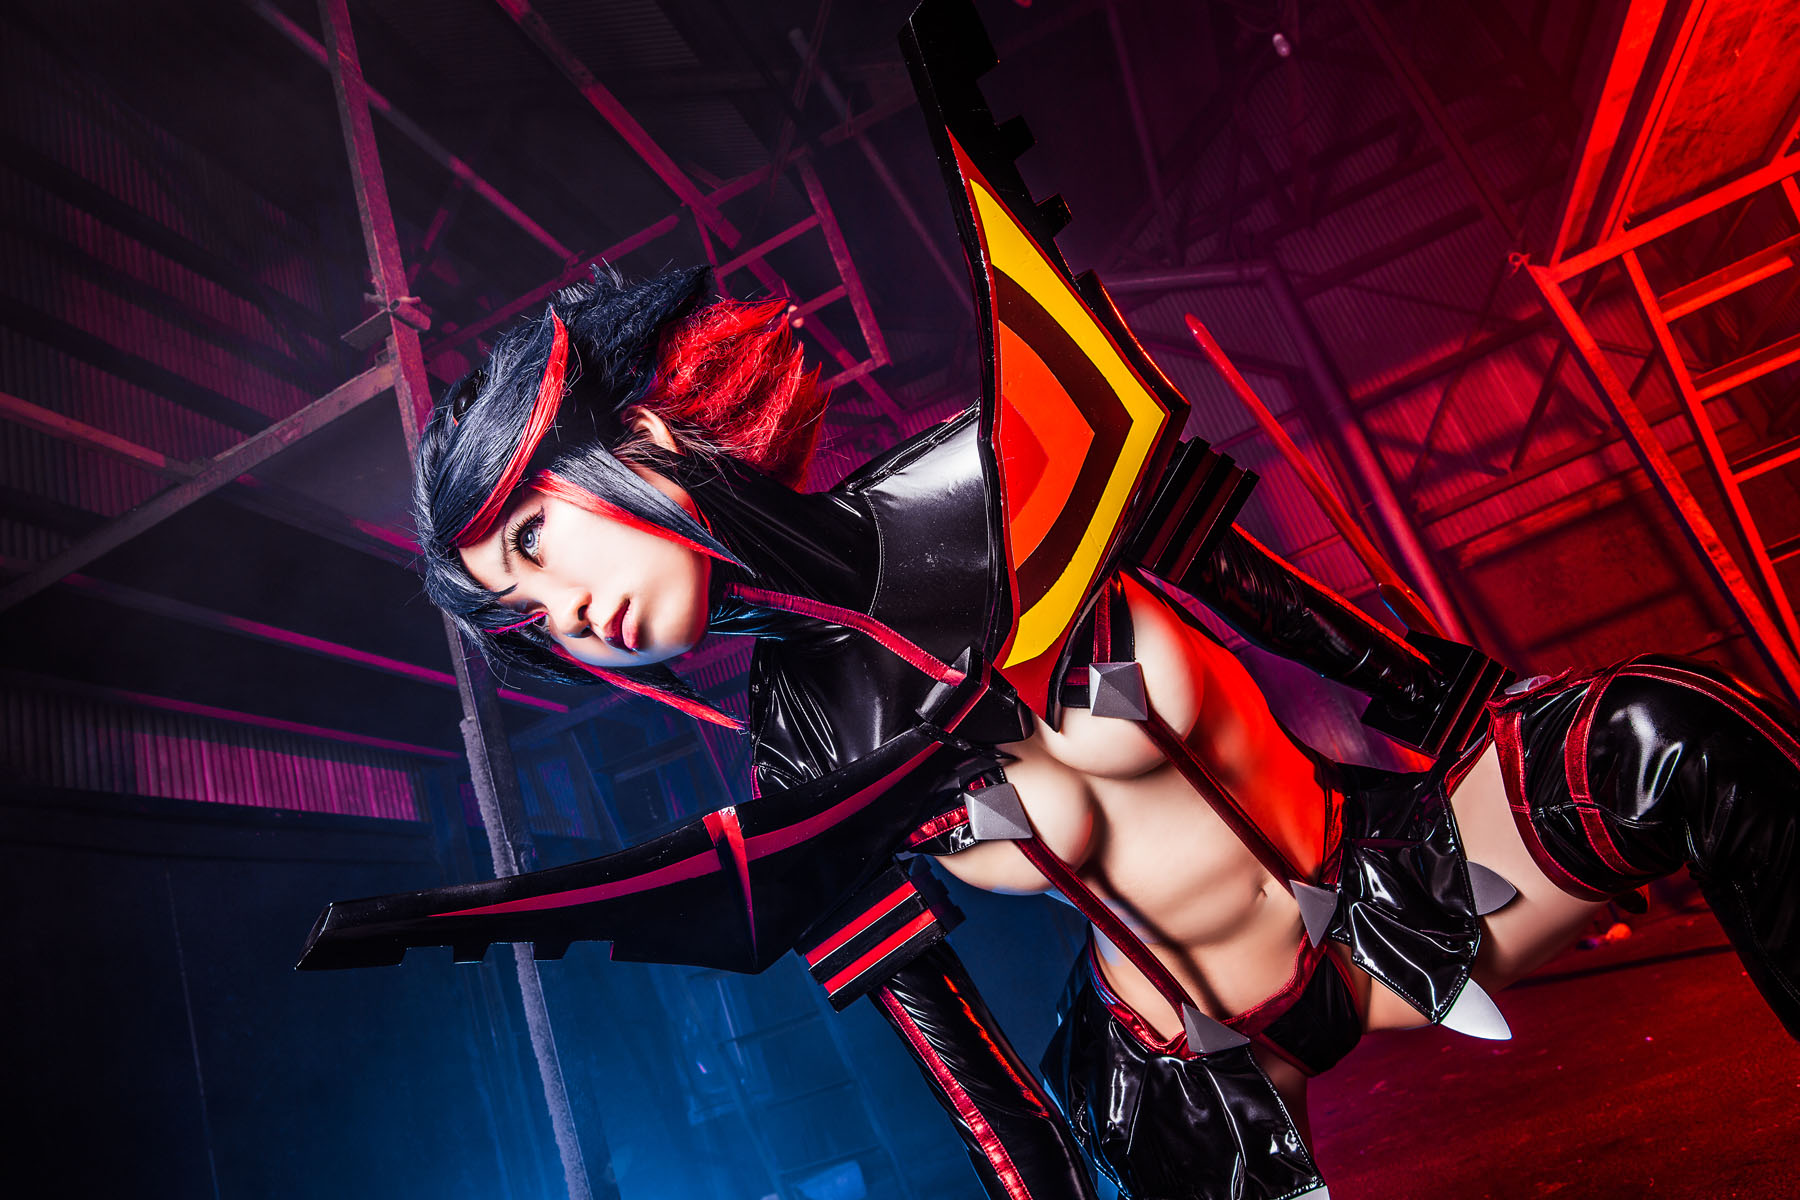 Kill la Kill Ryuuko Matoi anime cosplay by Mikehouse 0061